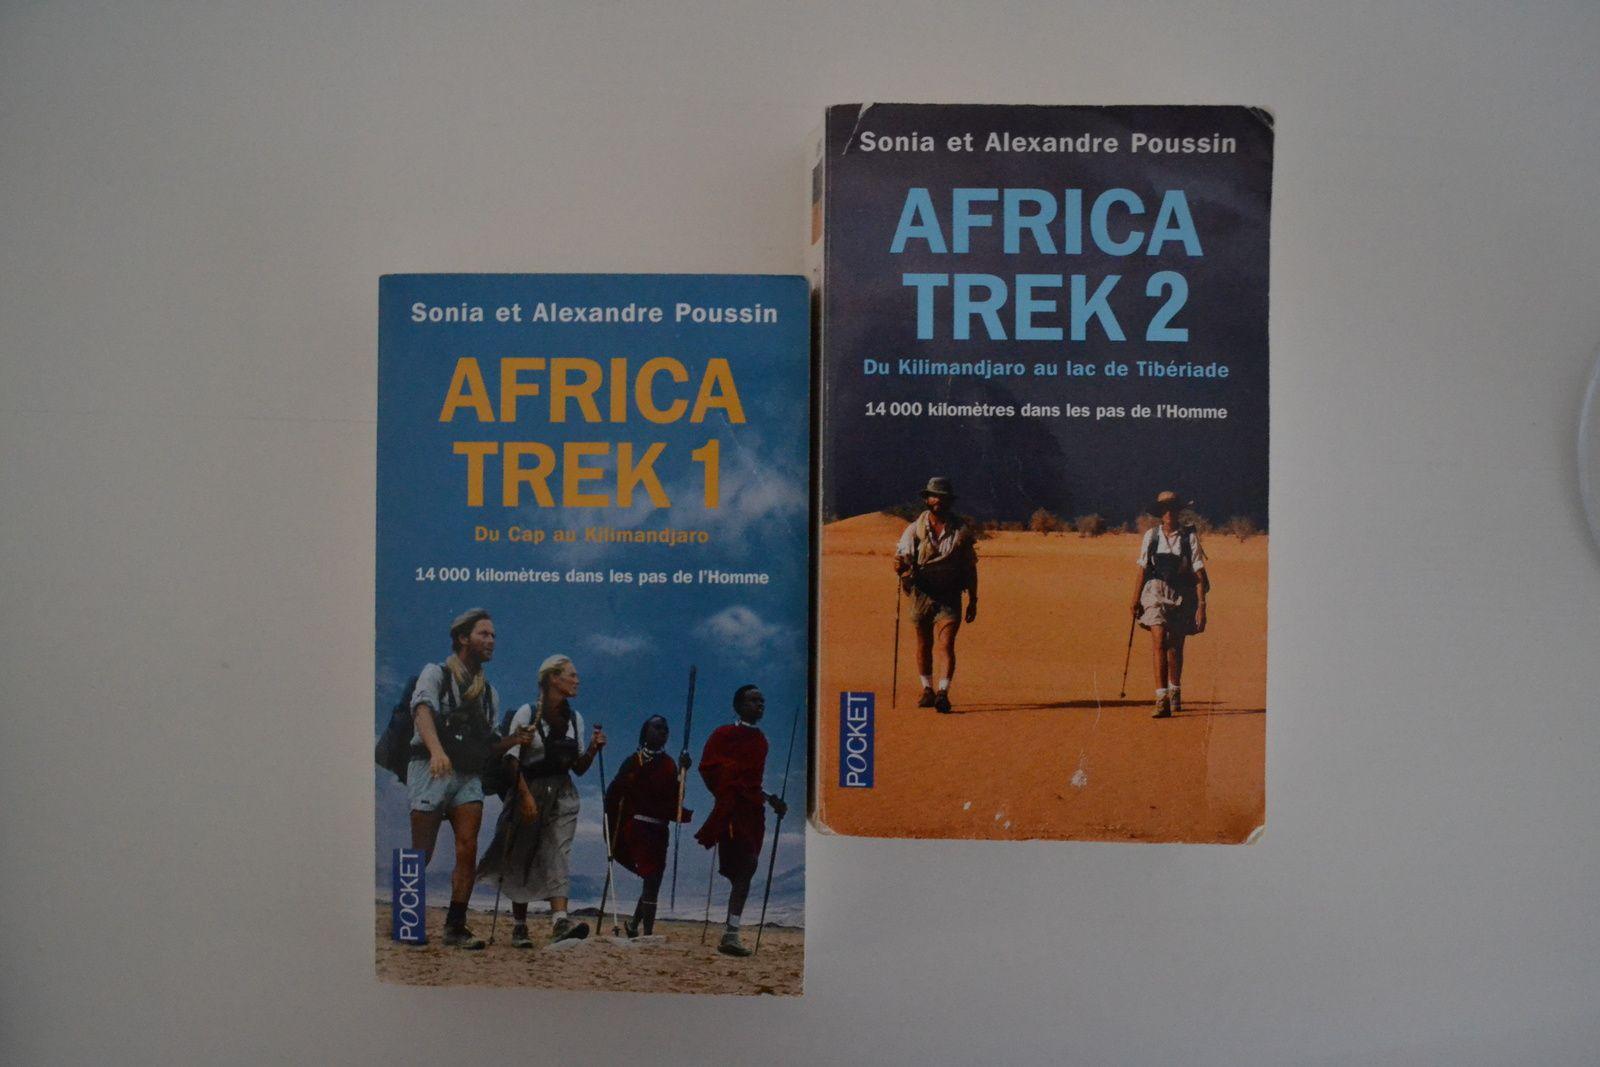 ... les livres Africa Trek 1 et 2 de Sonia et Alexandre Poussin